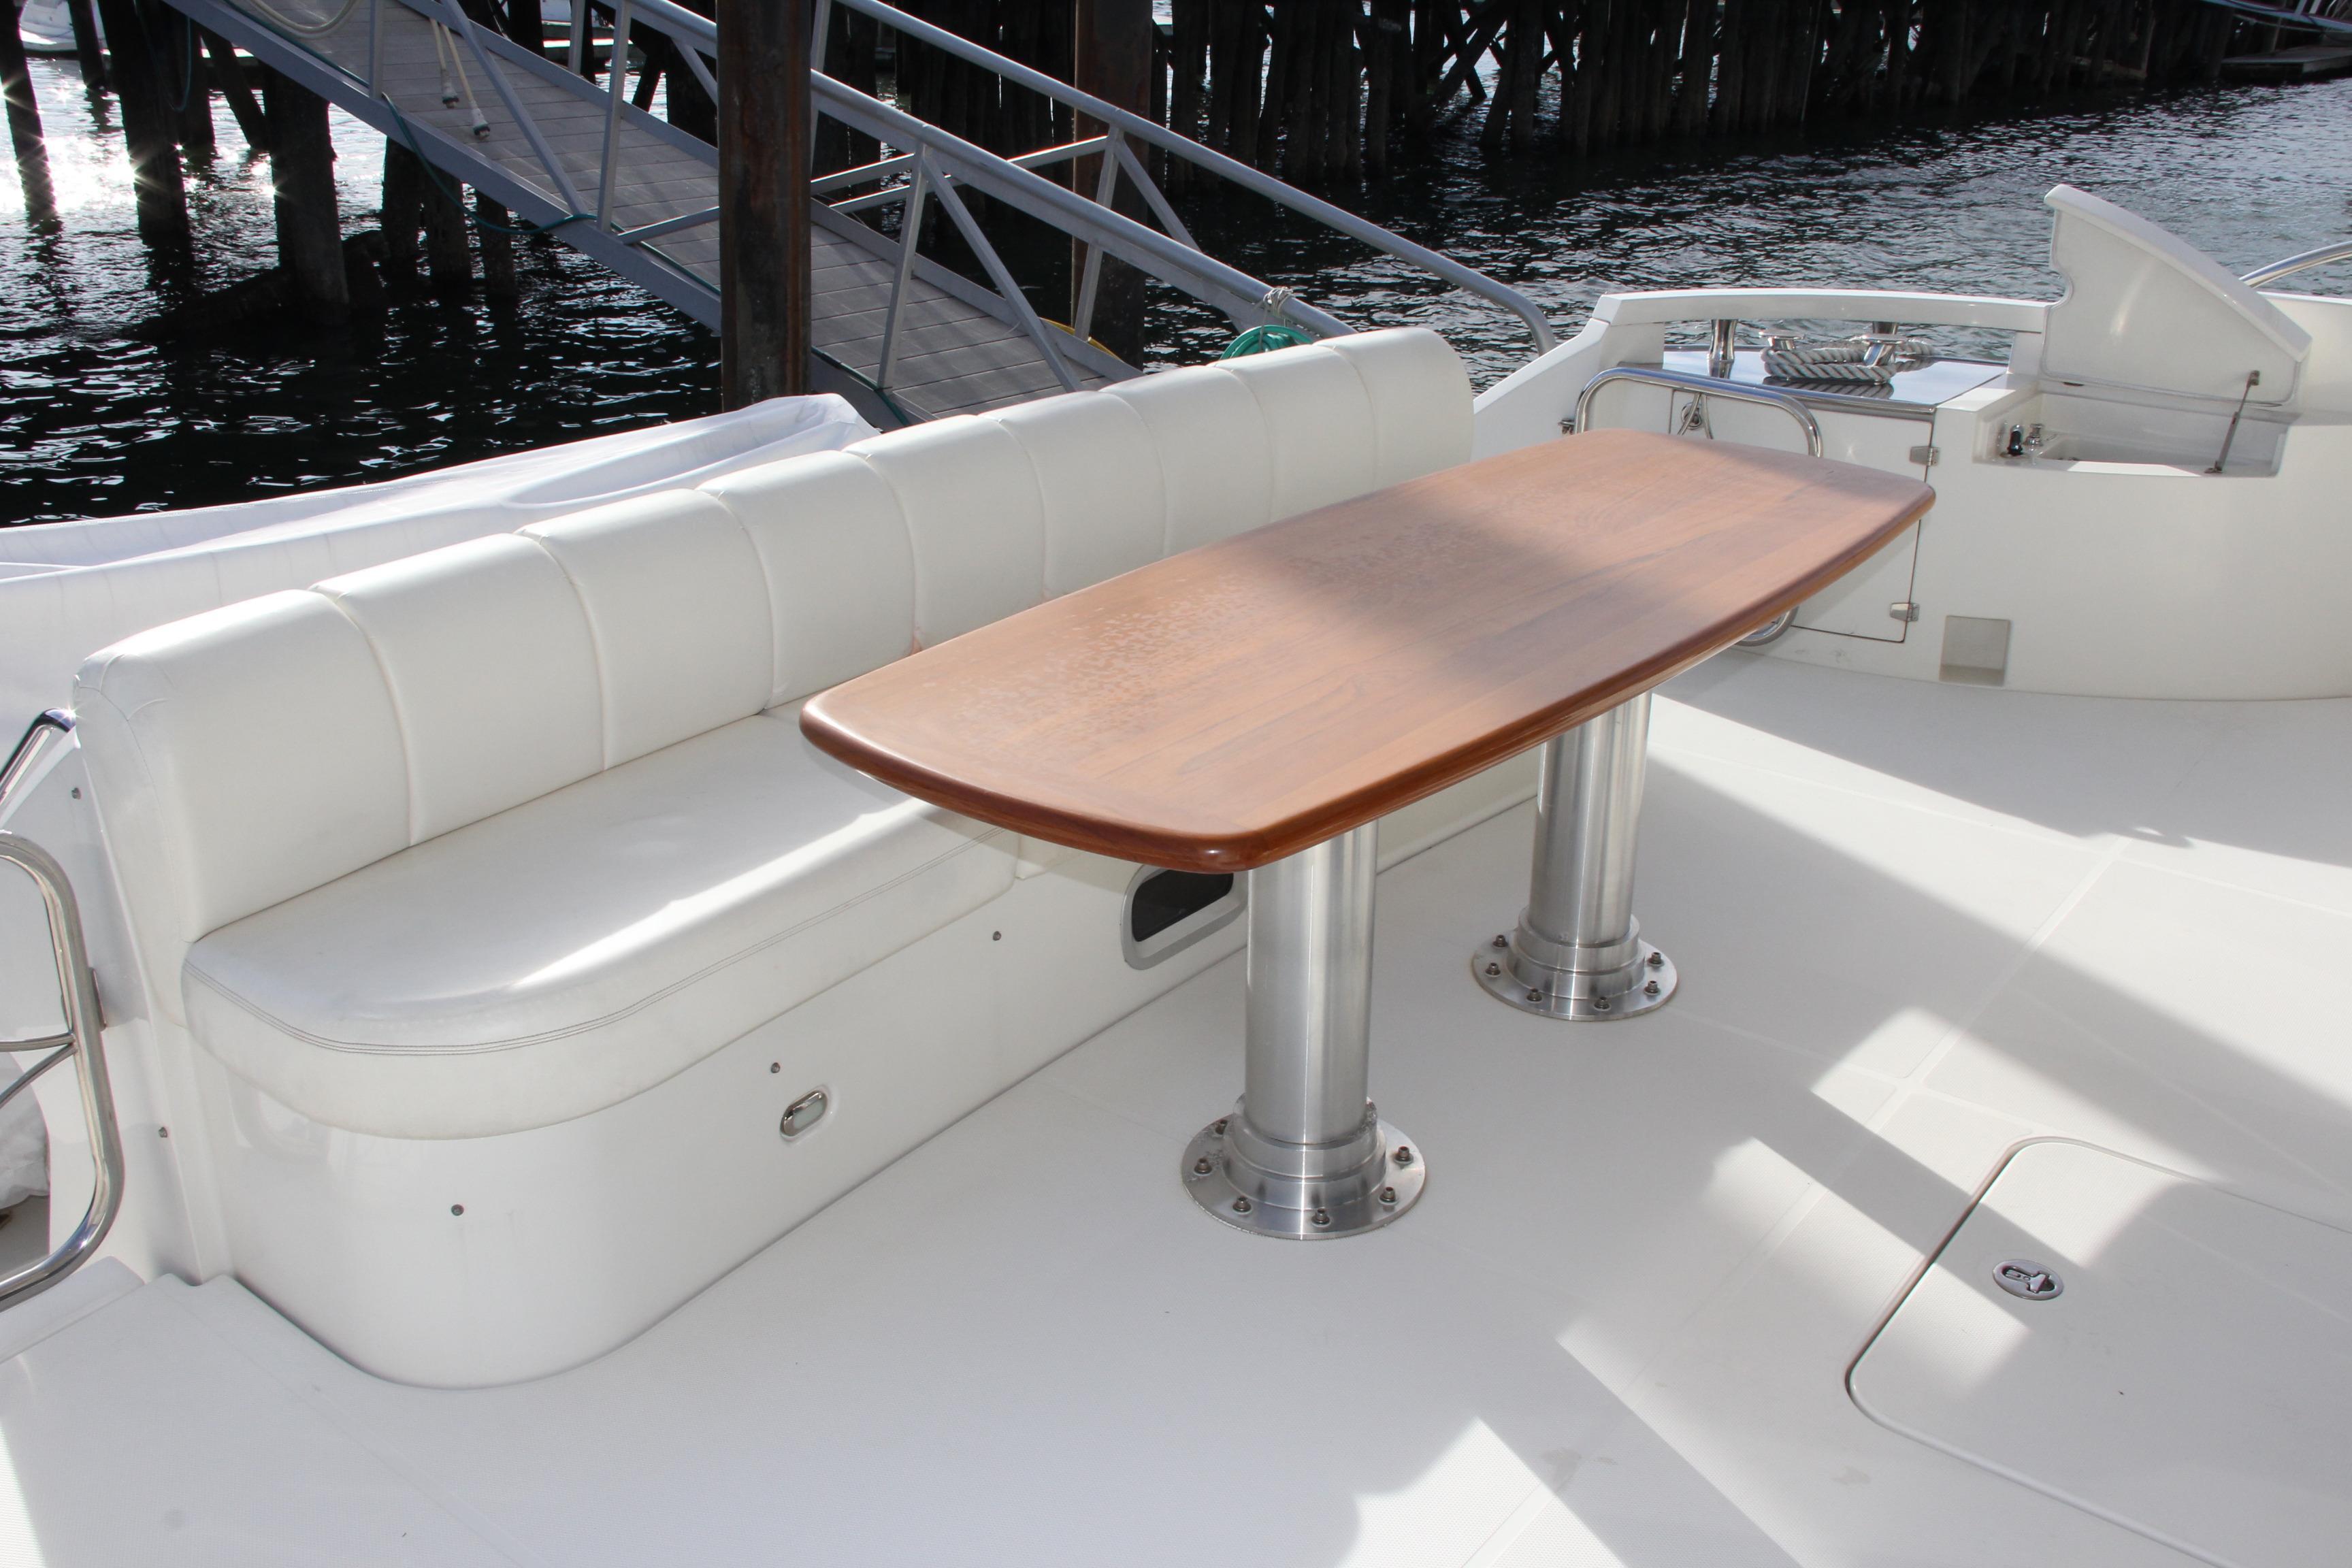 High Gloss Cherrywood Cockpit Table